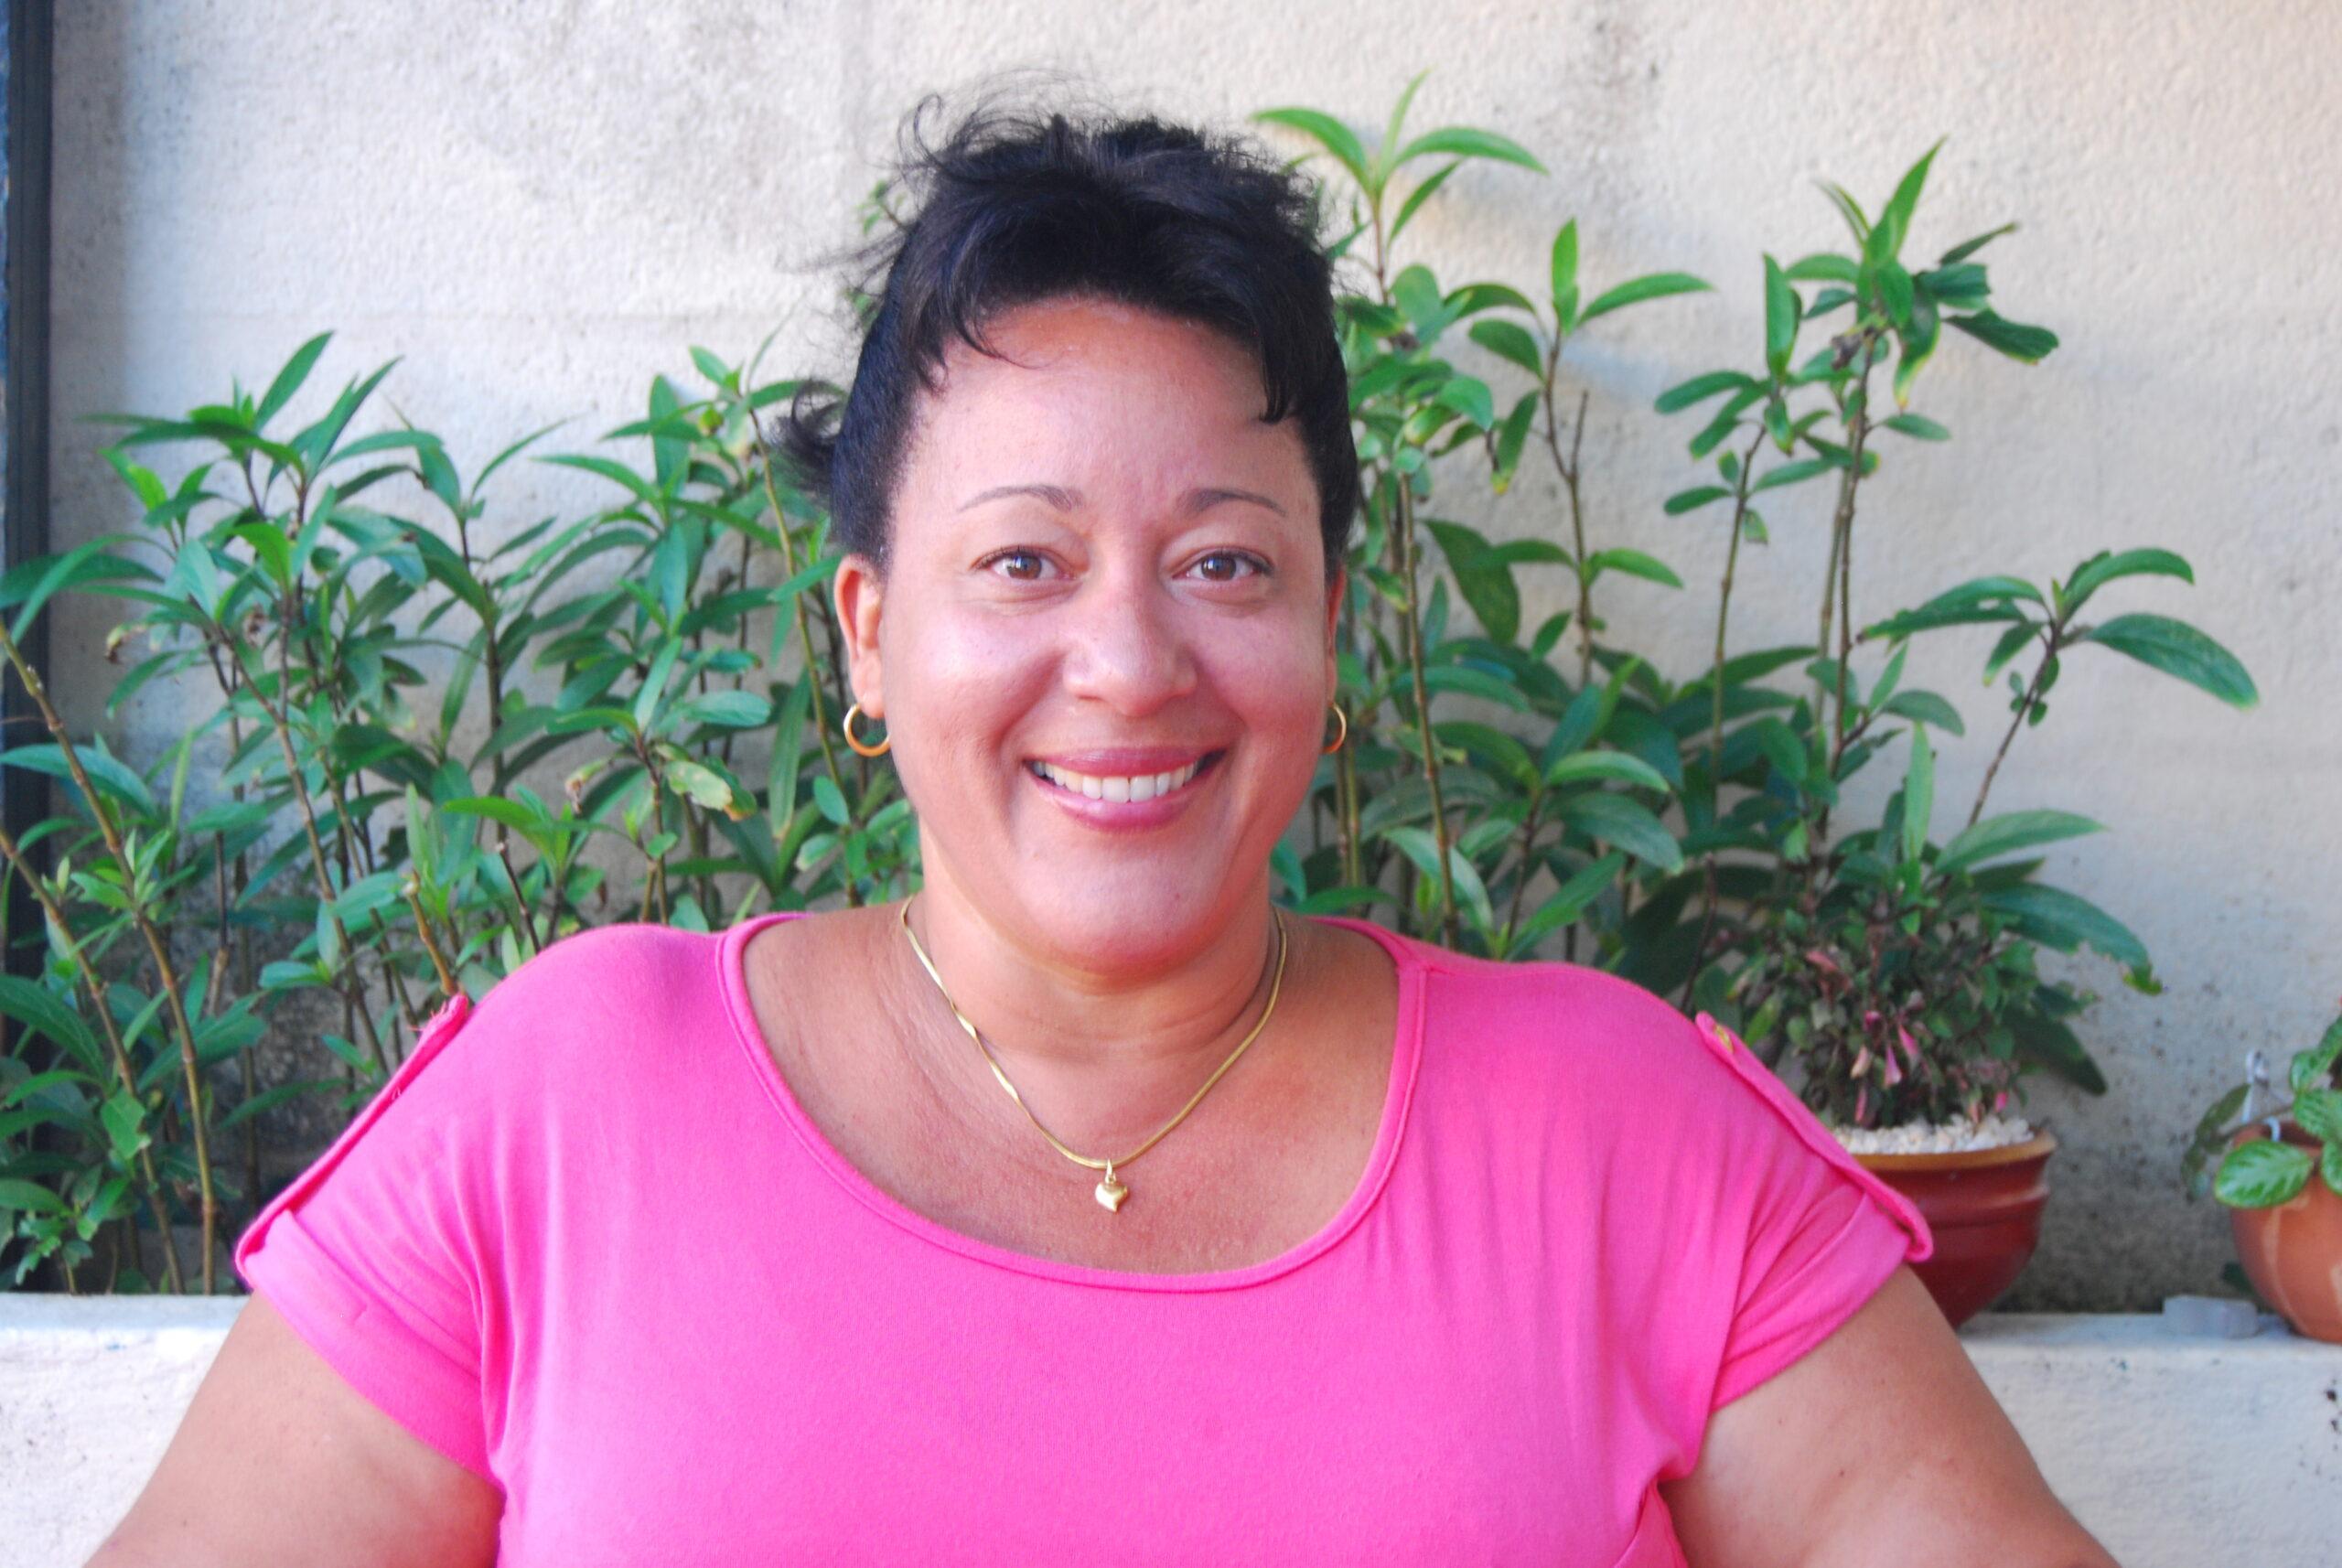 Dalila Jimenez scaled